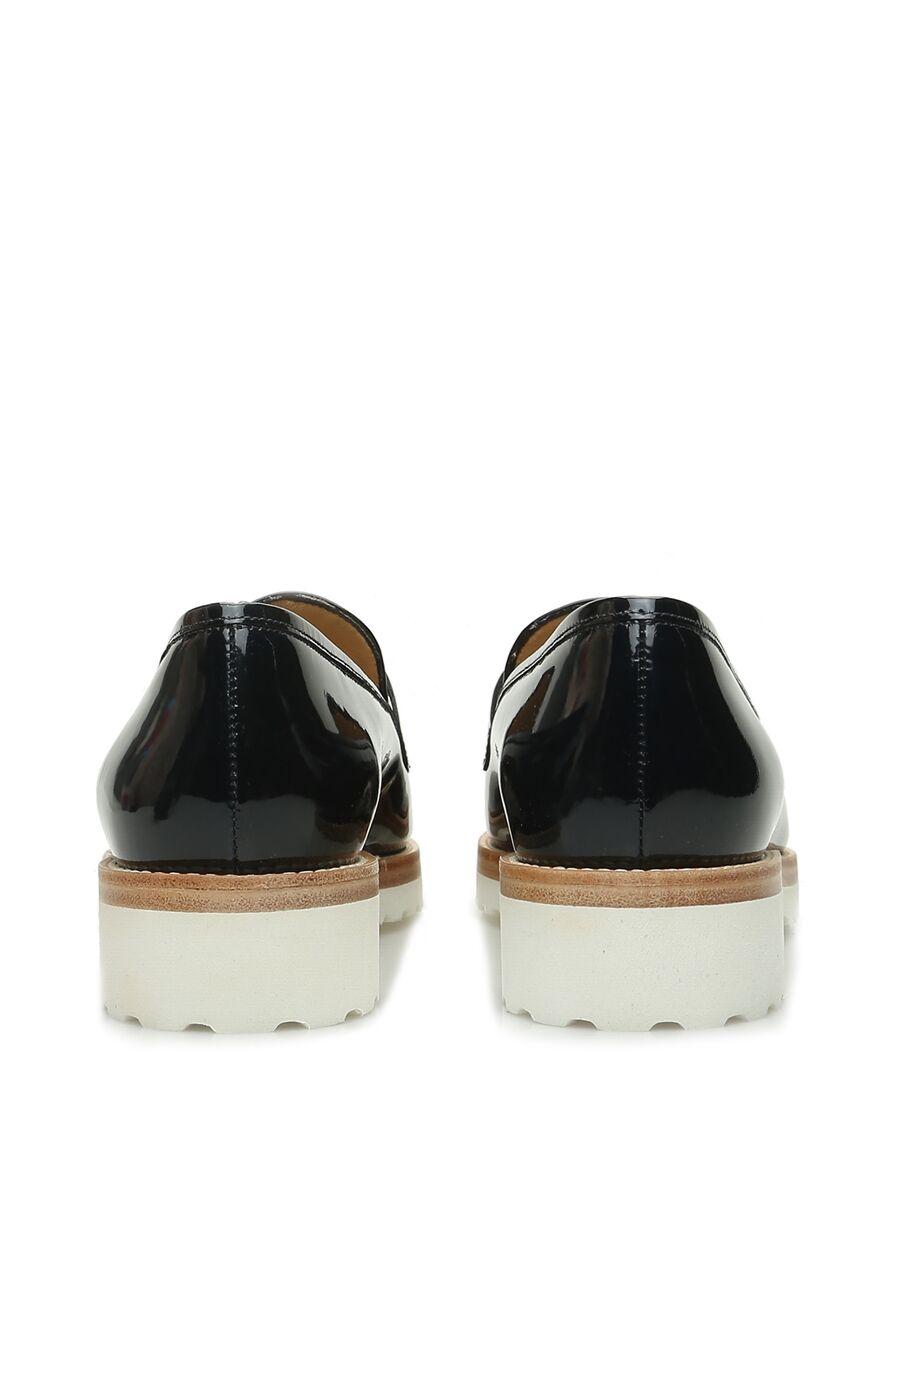 Lacivert Zincir Bantlı Kadın Deri Ayakkabı